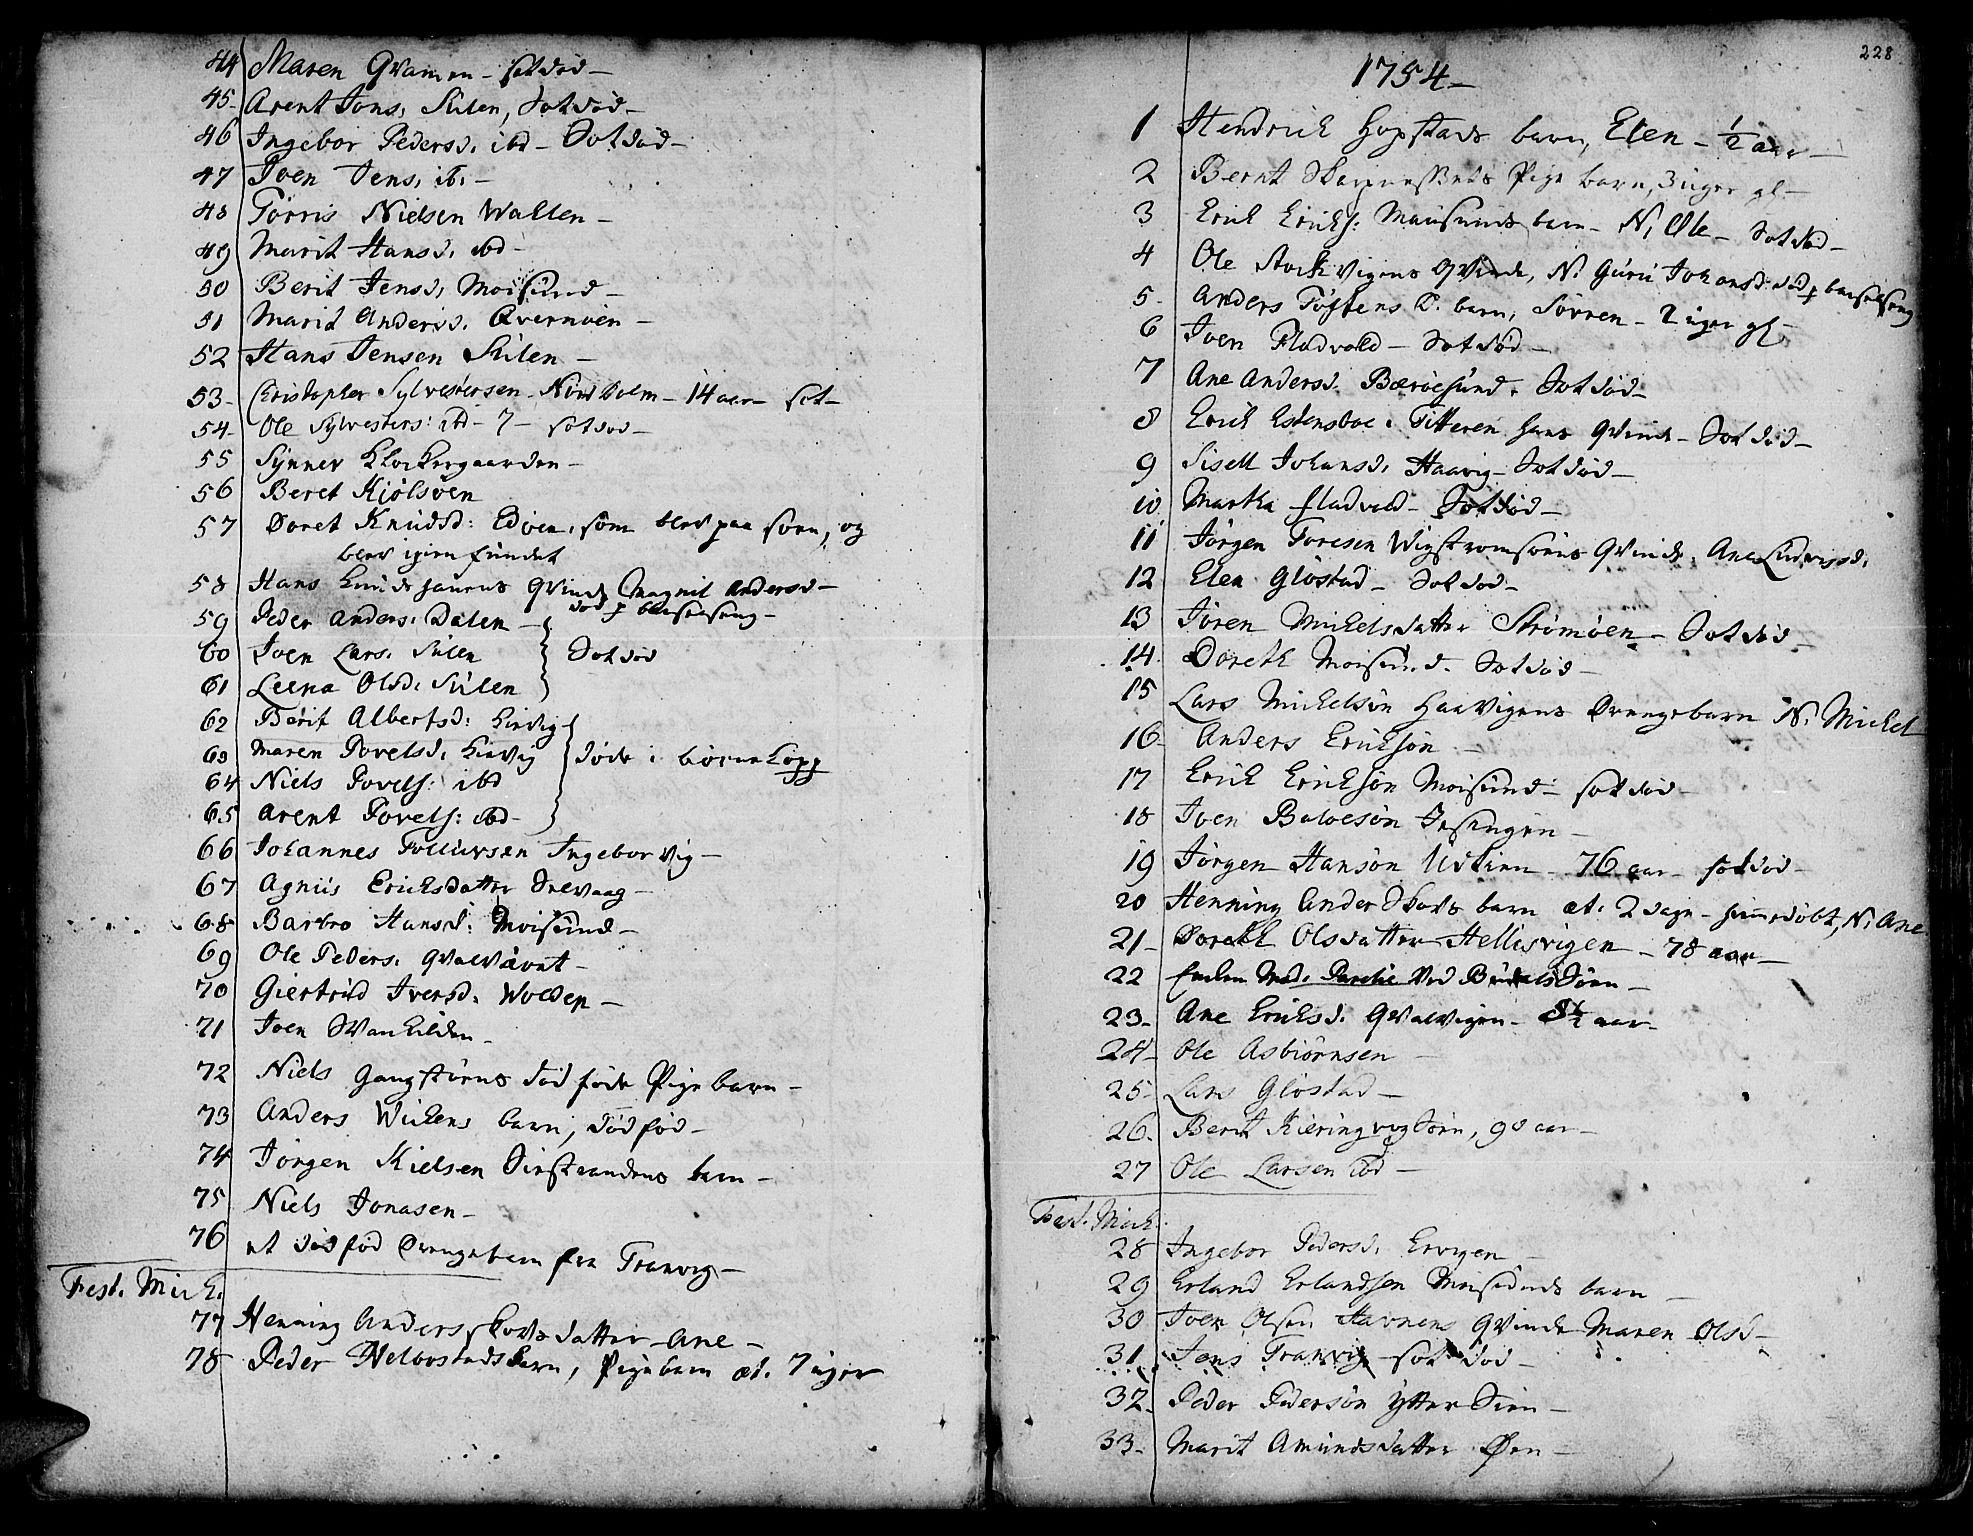 SAT, Ministerialprotokoller, klokkerbøker og fødselsregistre - Sør-Trøndelag, 634/L0525: Ministerialbok nr. 634A01, 1736-1775, s. 228